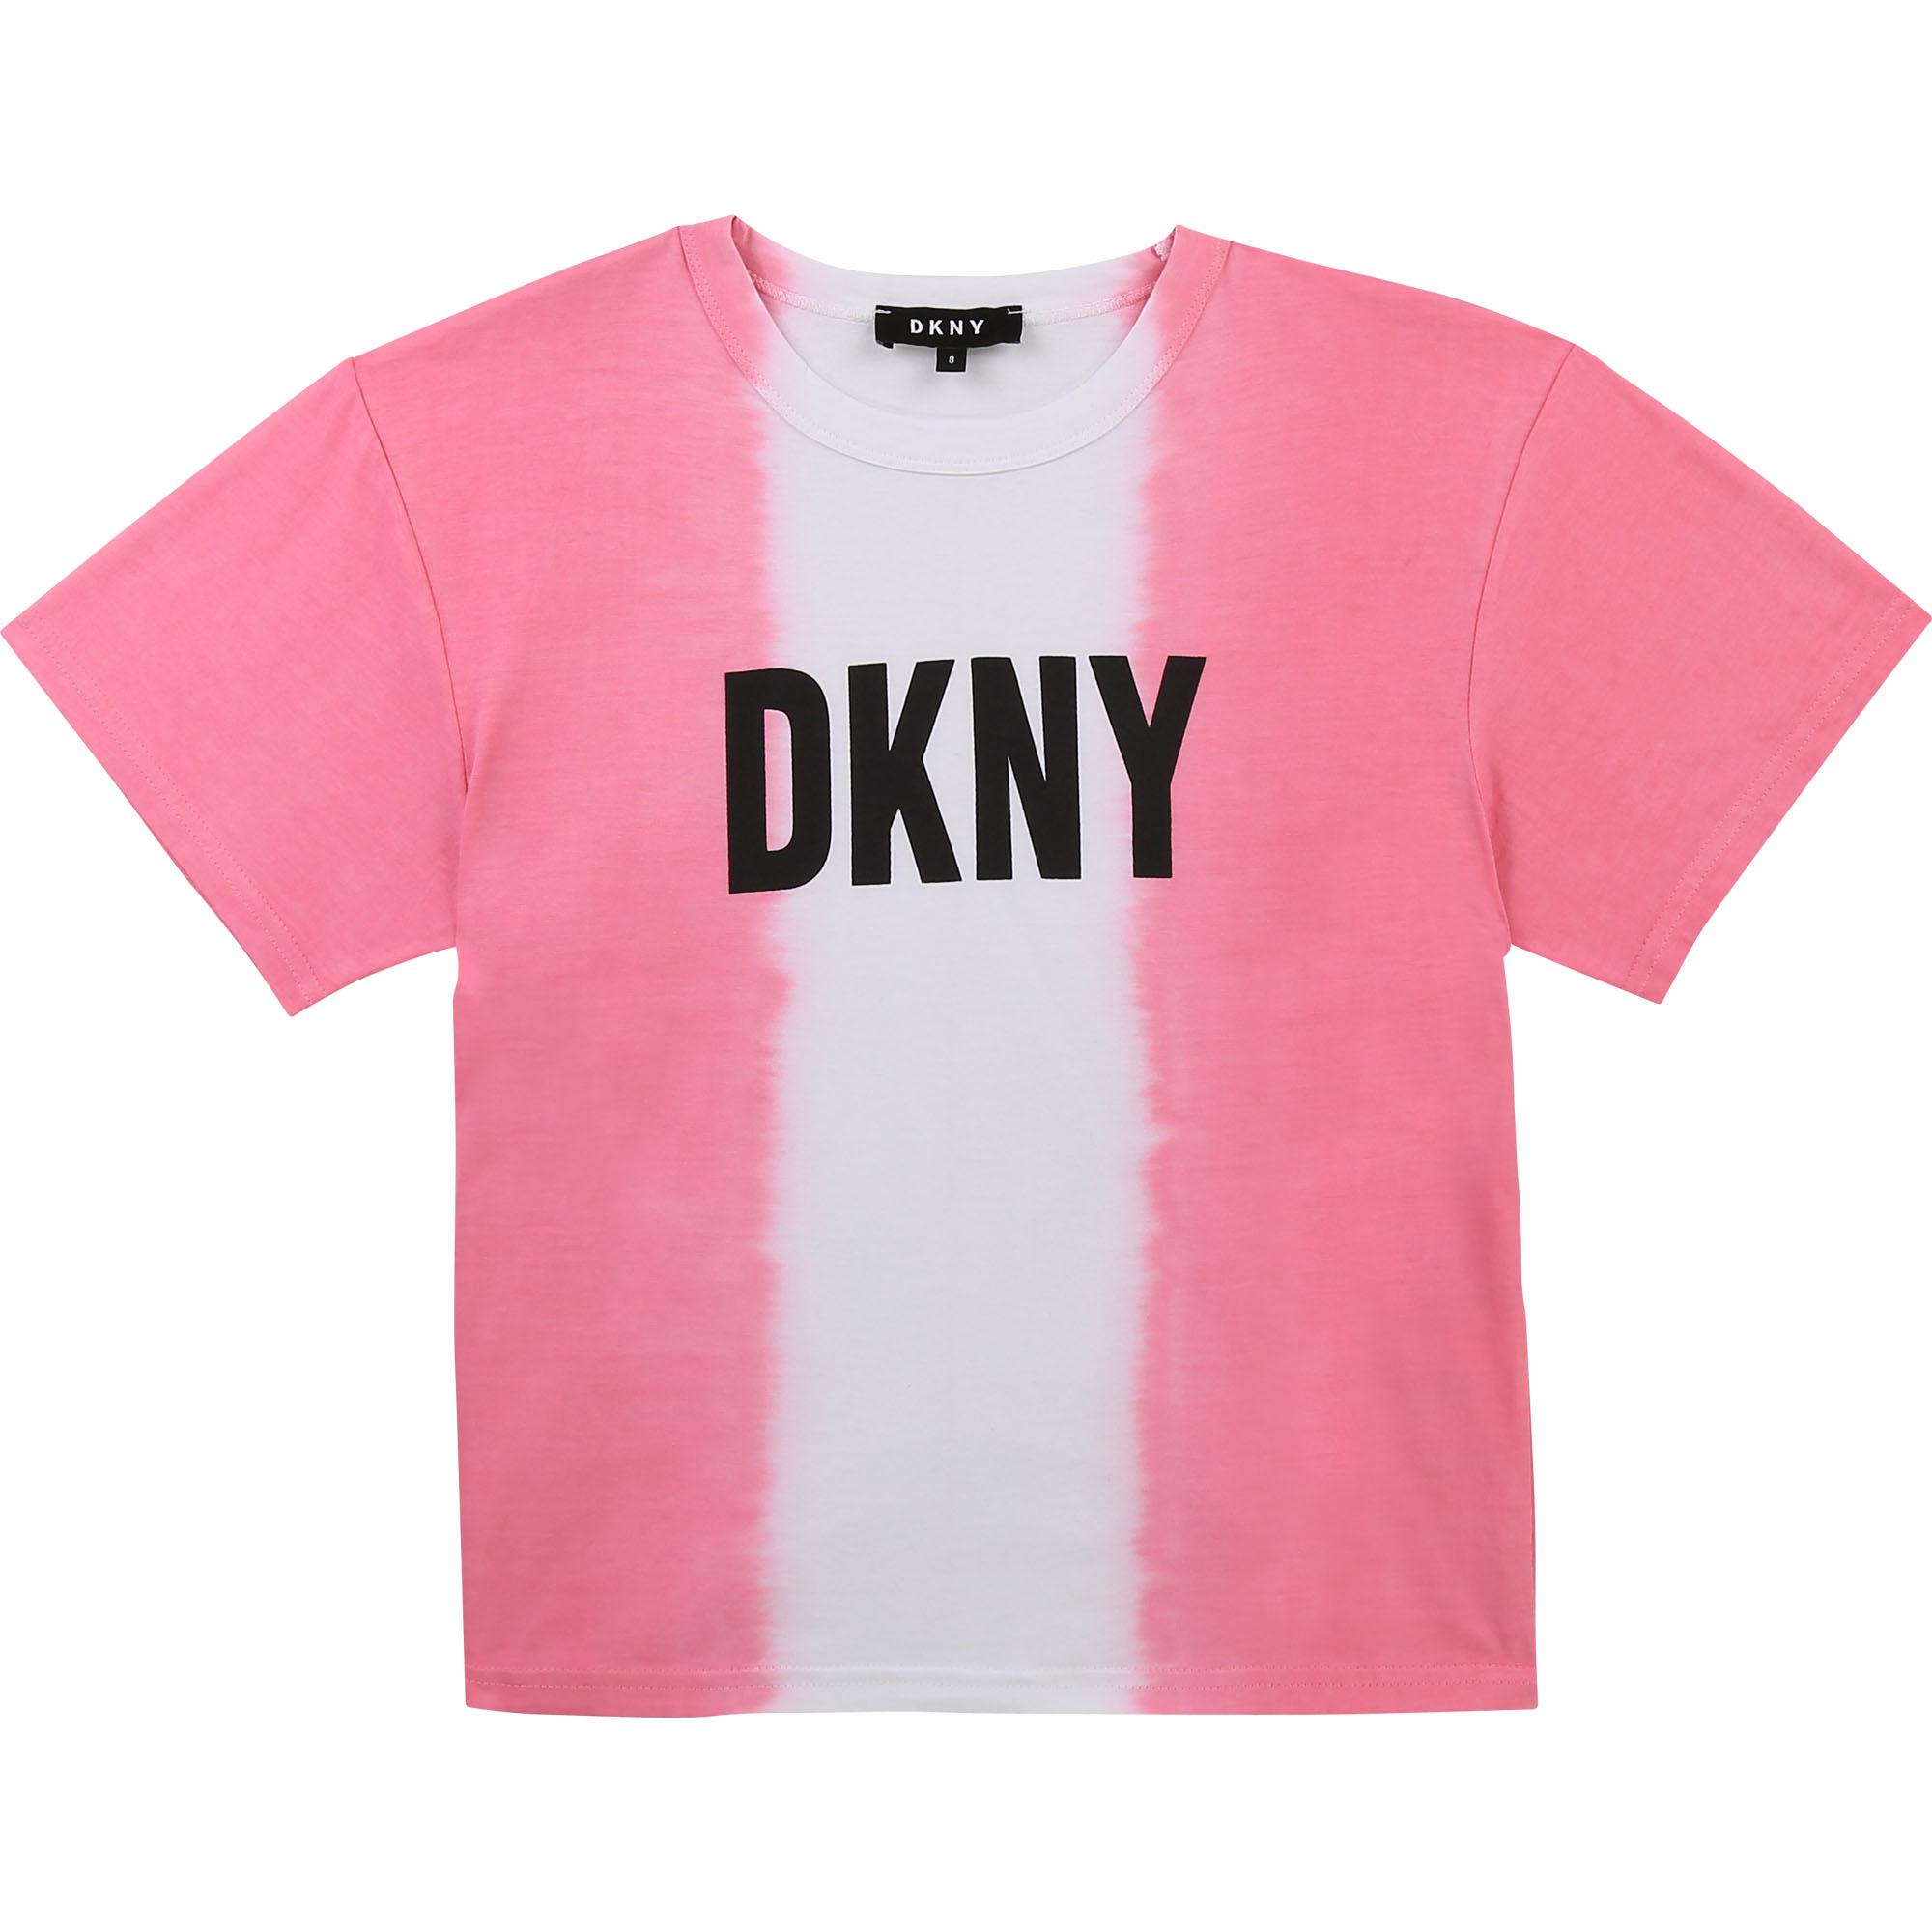 DKNY t-shirt en coton dip dye-1